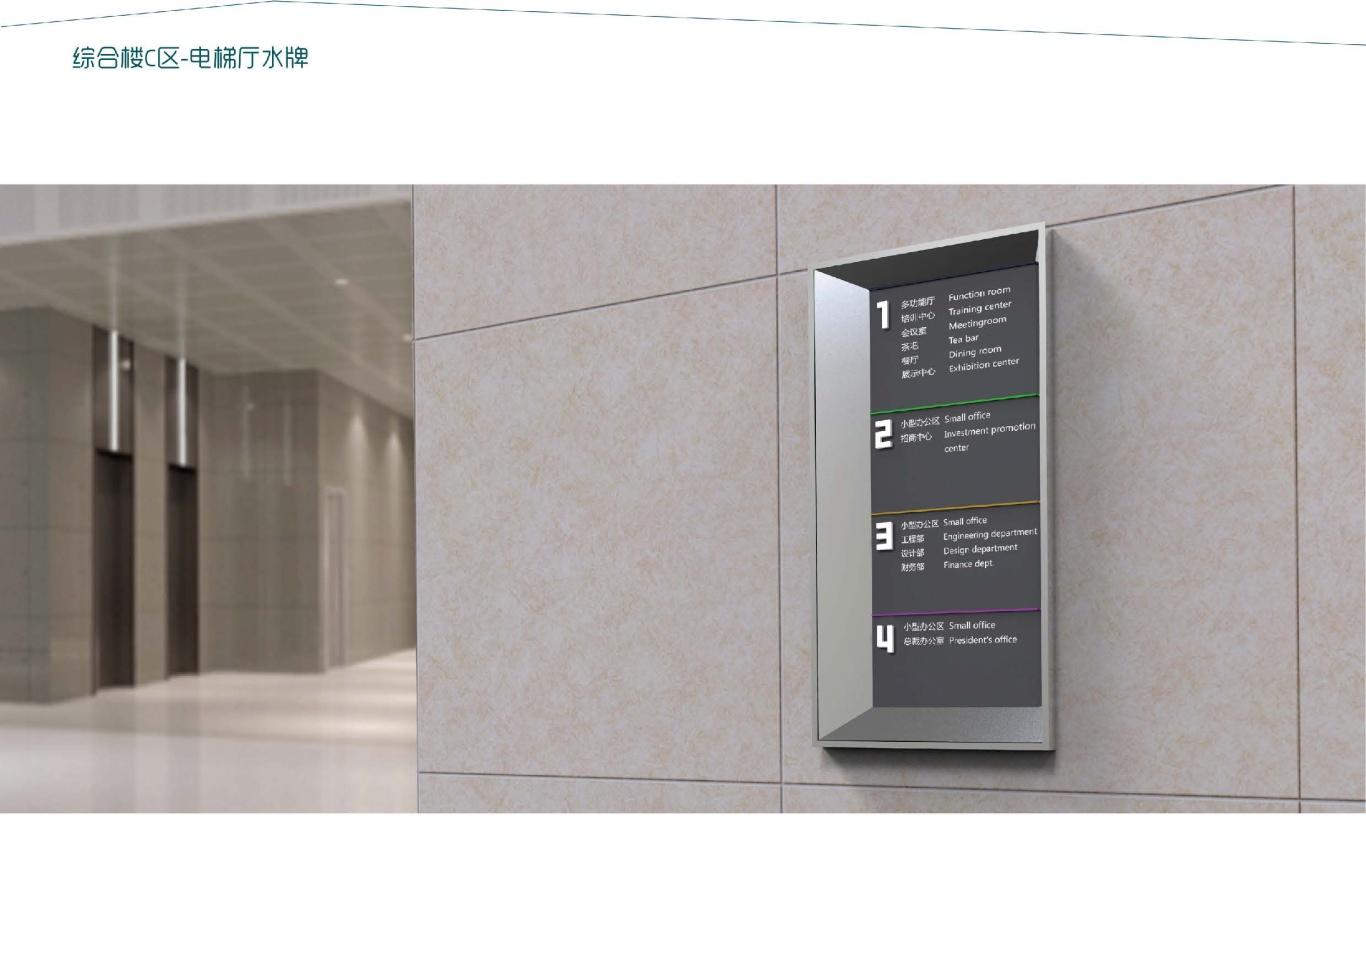 大连泰达慧谷开发区导视系统设计图35